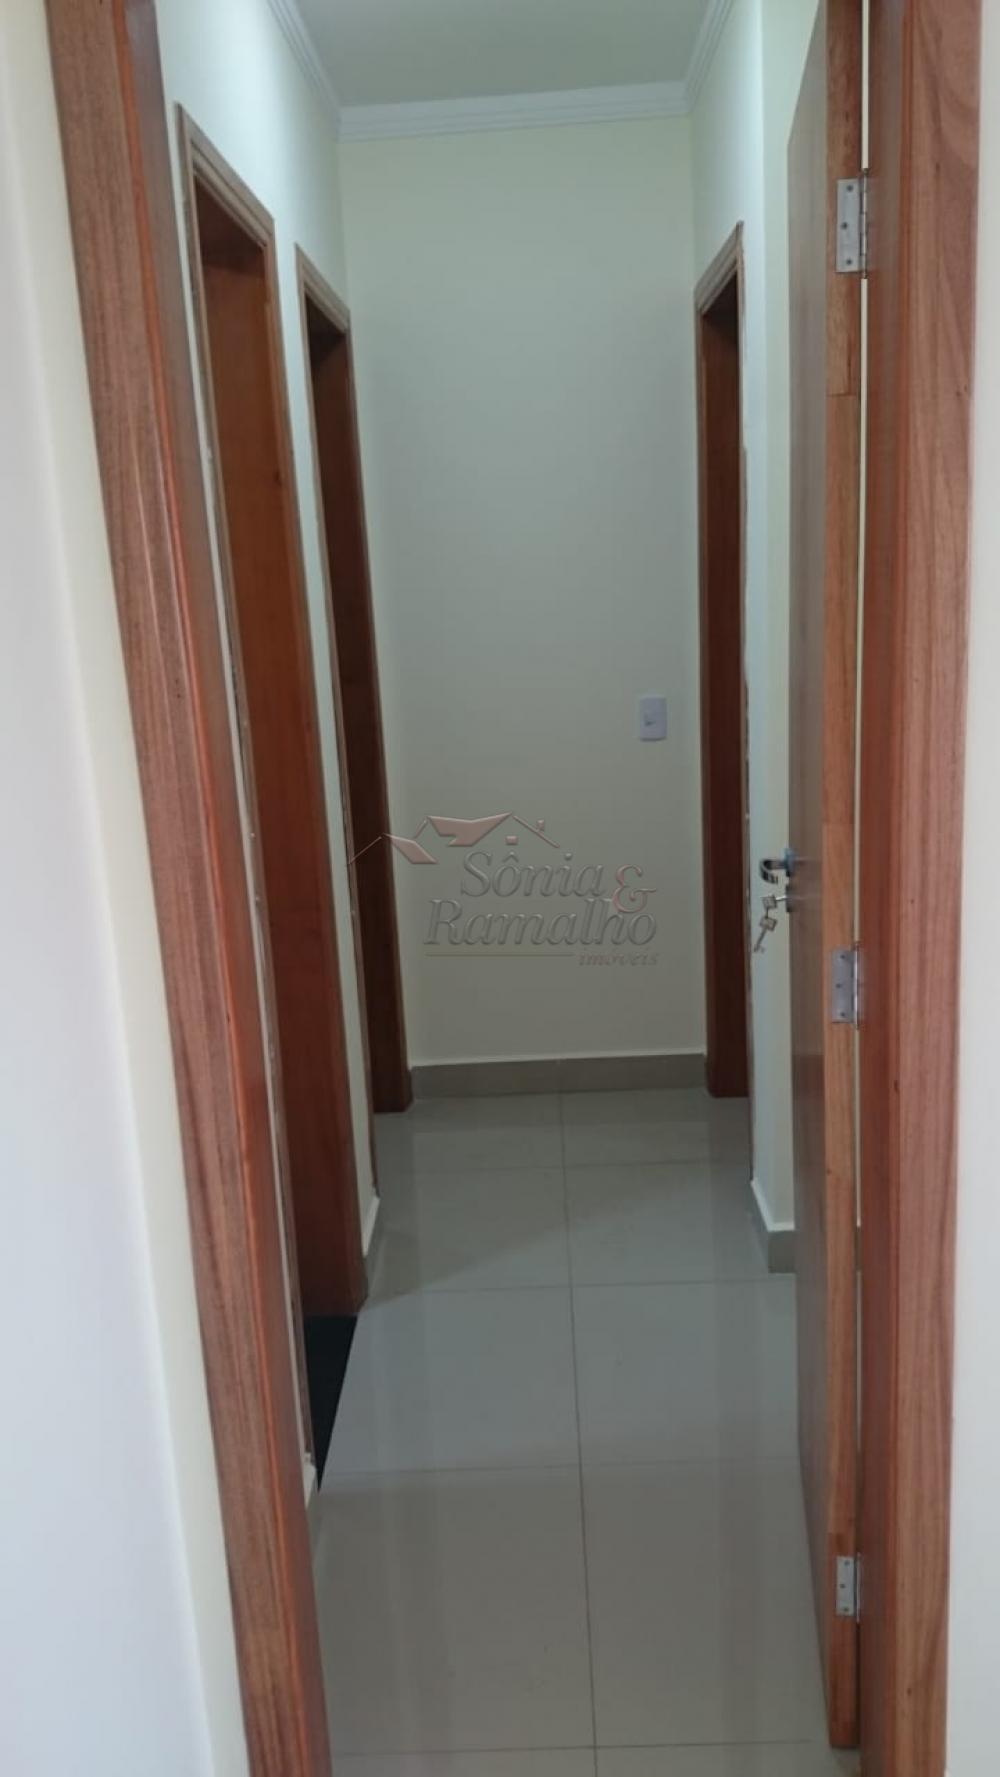 Comprar Apartamentos / Padrão em Ribeirão Preto apenas R$ 298.000,00 - Foto 9